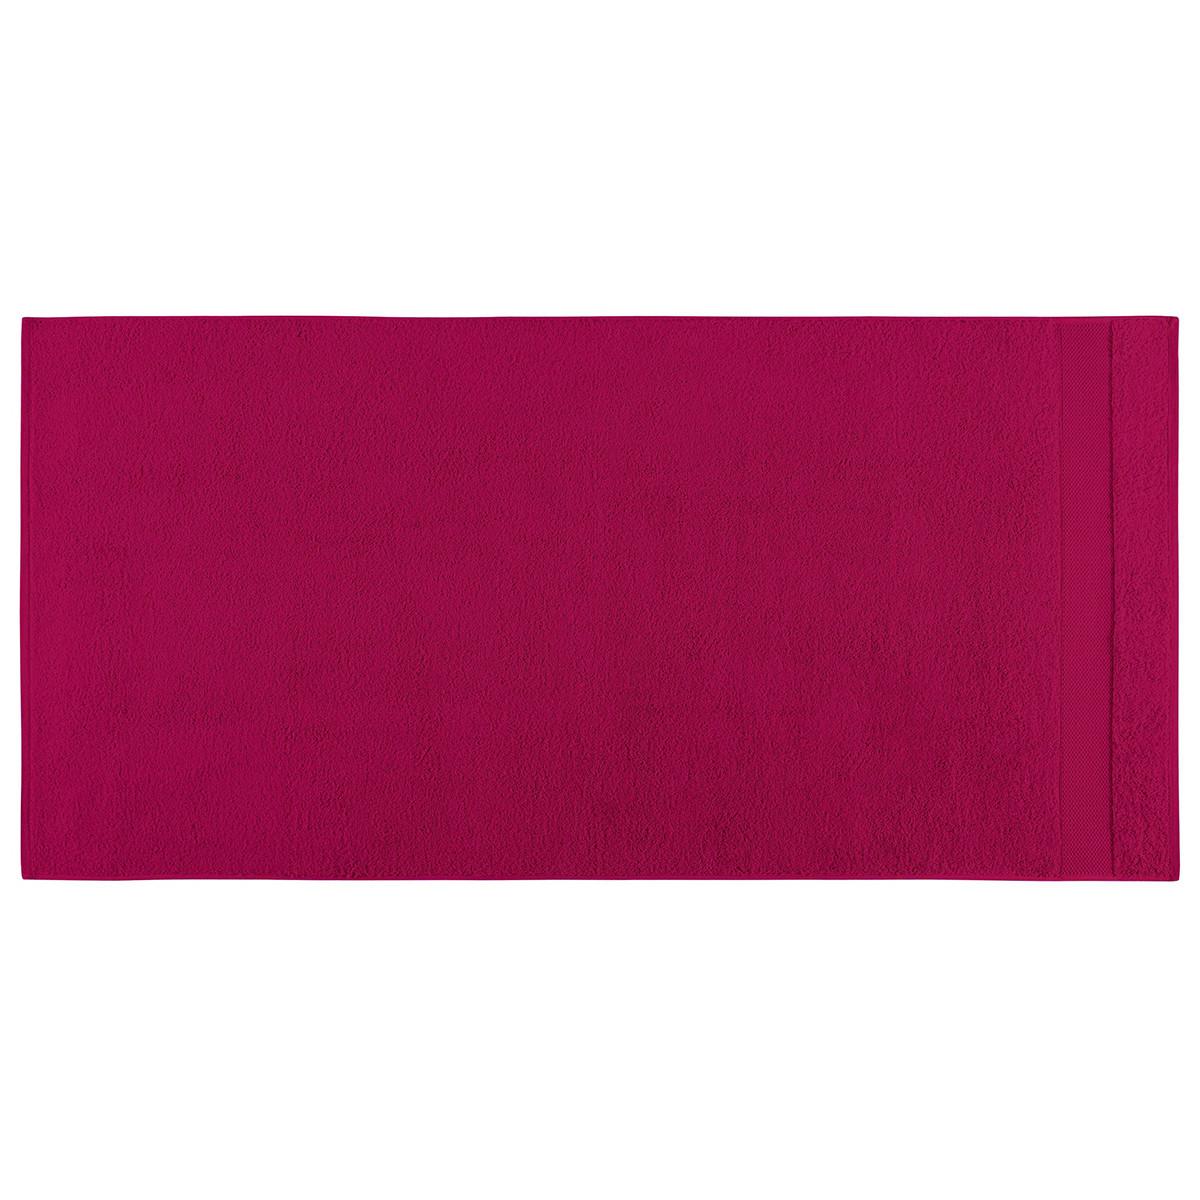 Drap de douche coton 70x140 cm fuchsia